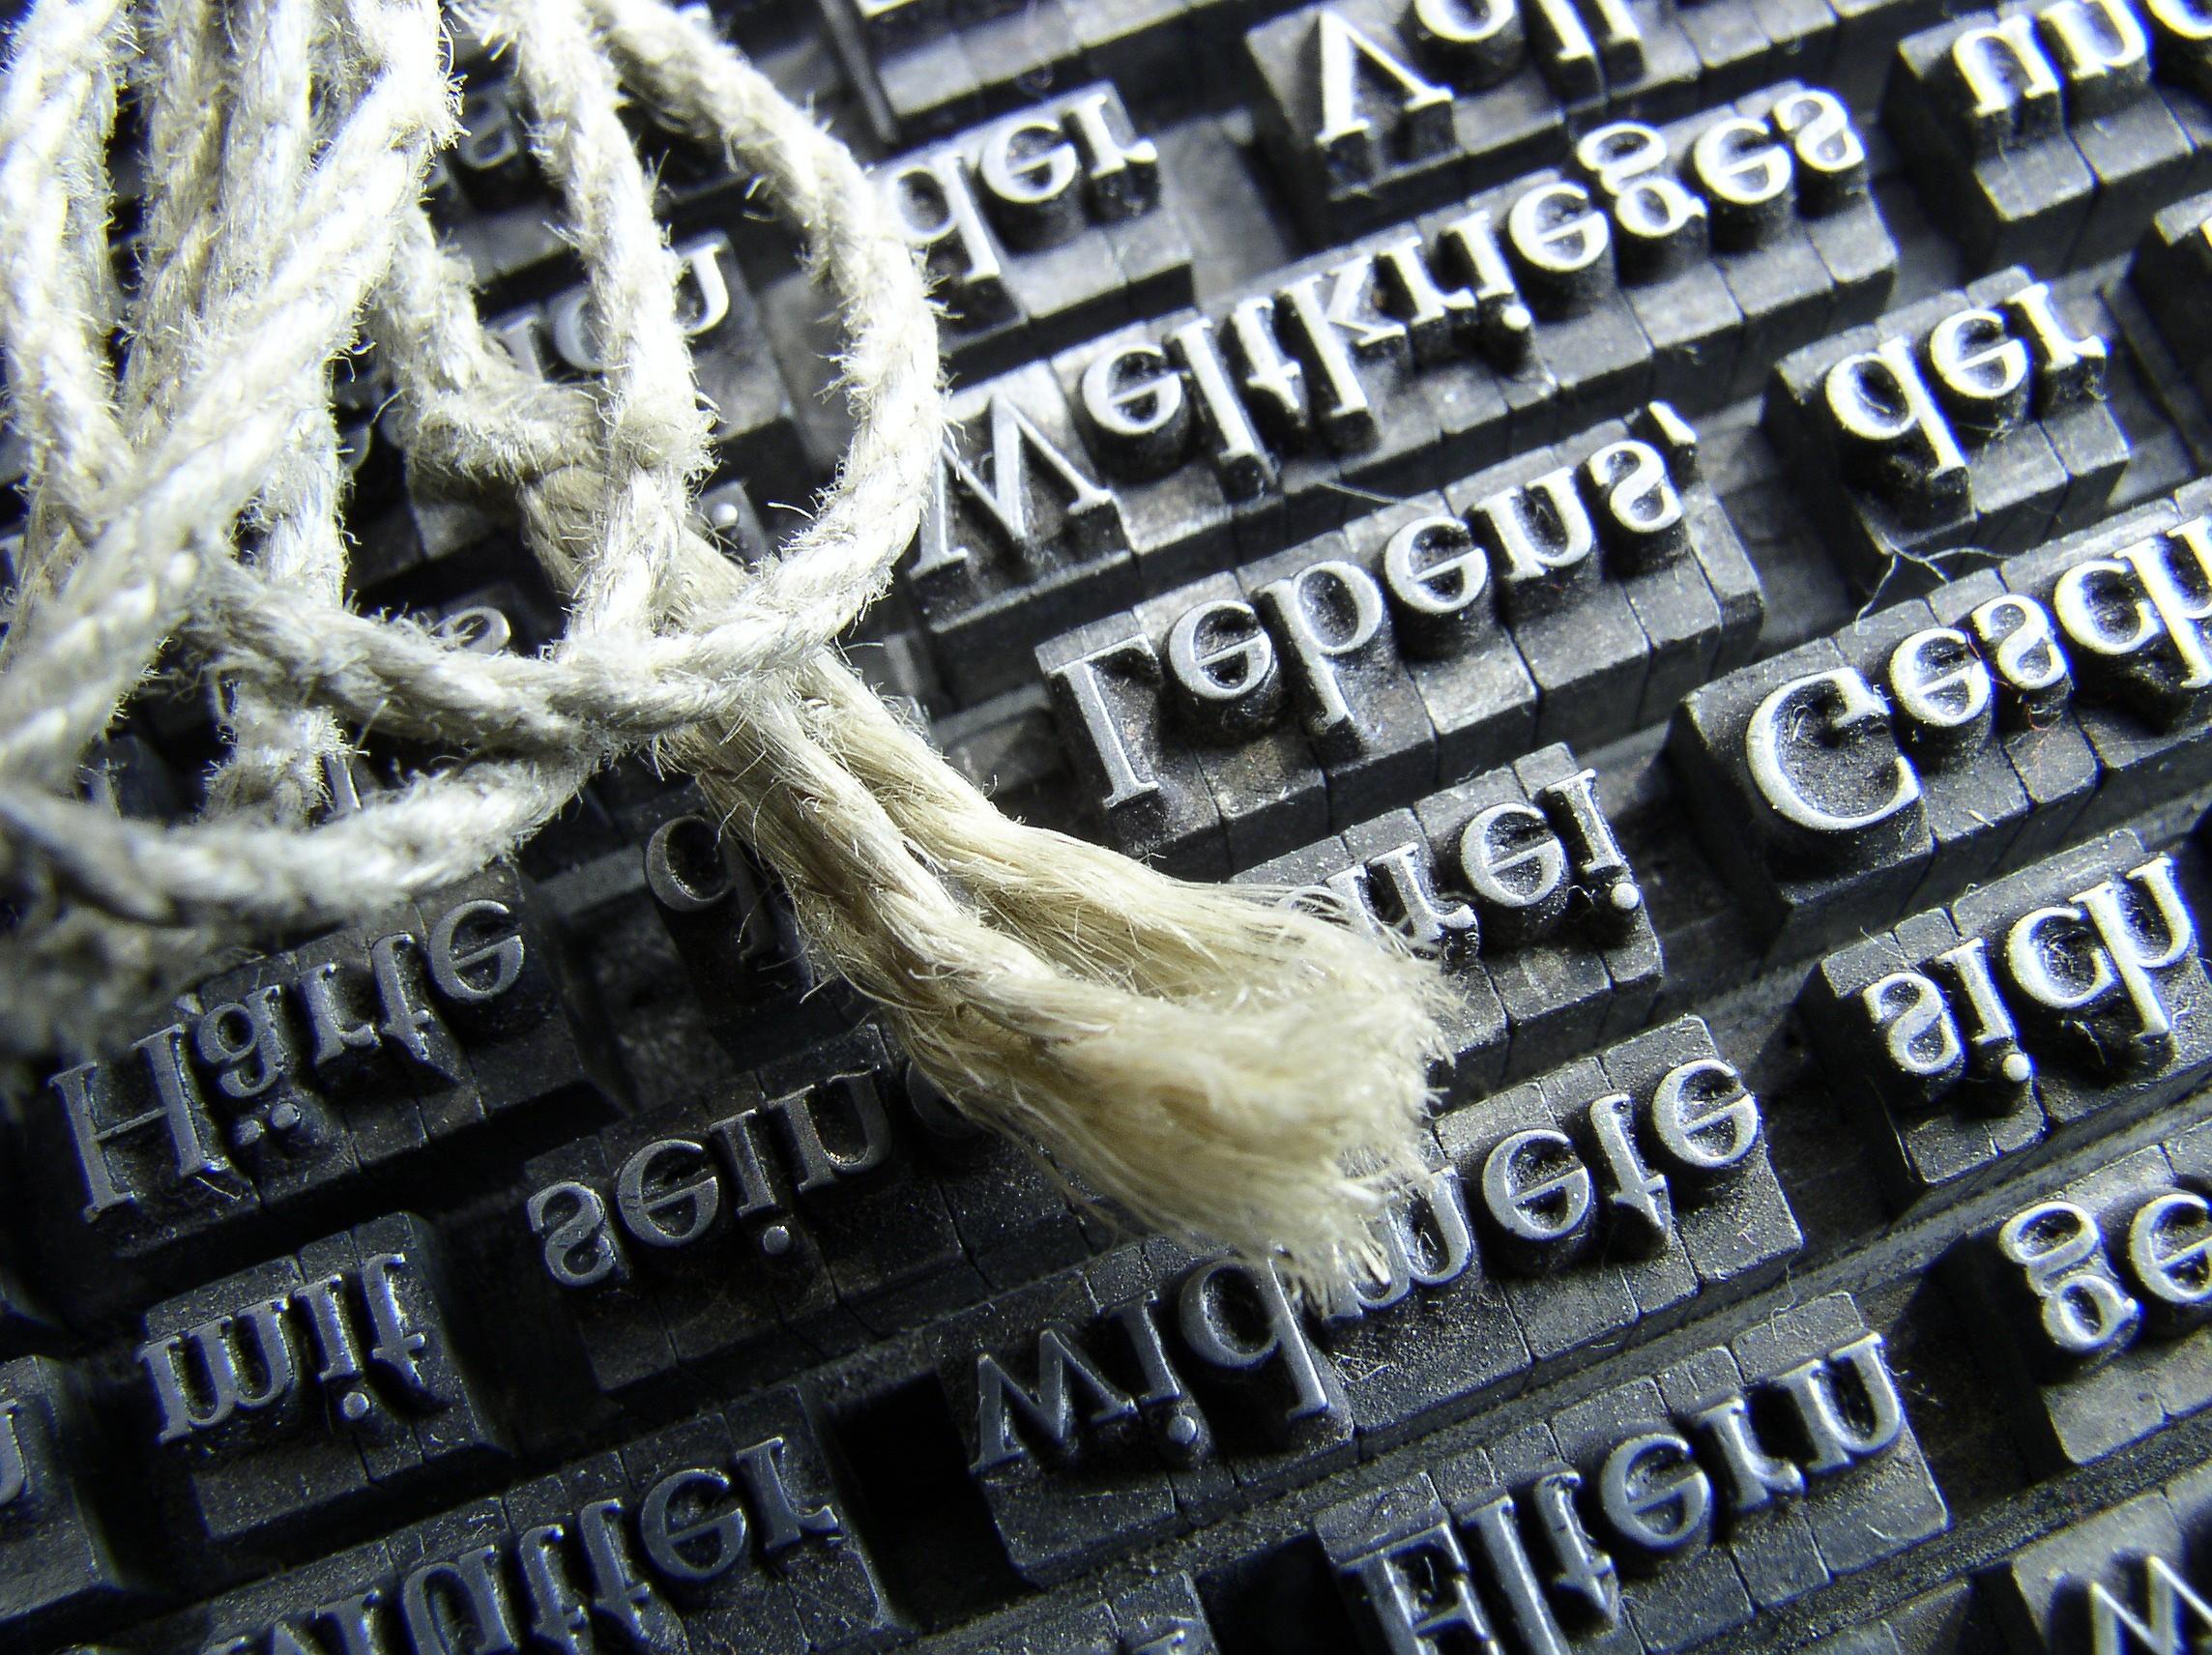 Gratisschriften für den PC (Bild: wilhei  / pixelio.de, http://www.pixelio.de/media/17607)